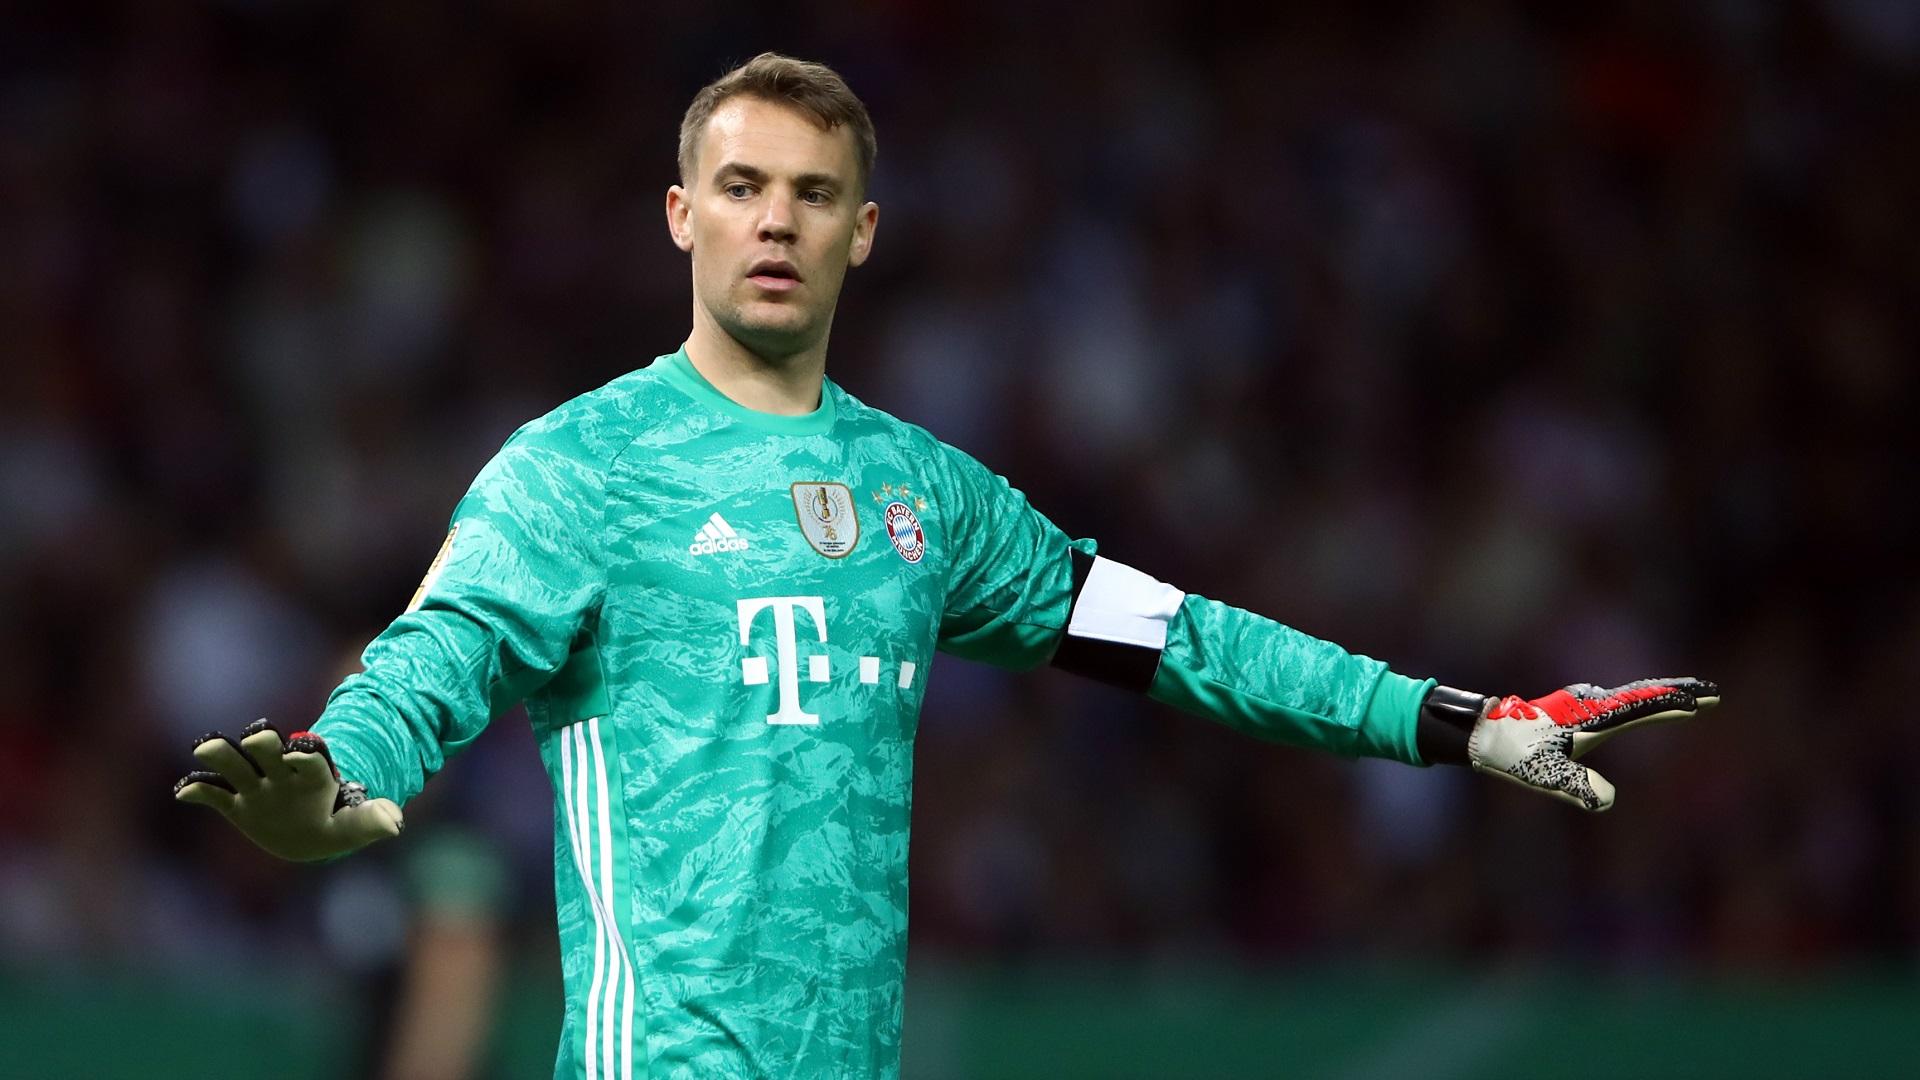 Без Месси и Роналду: УЕФА определяет лучших в Лиге чемпионов